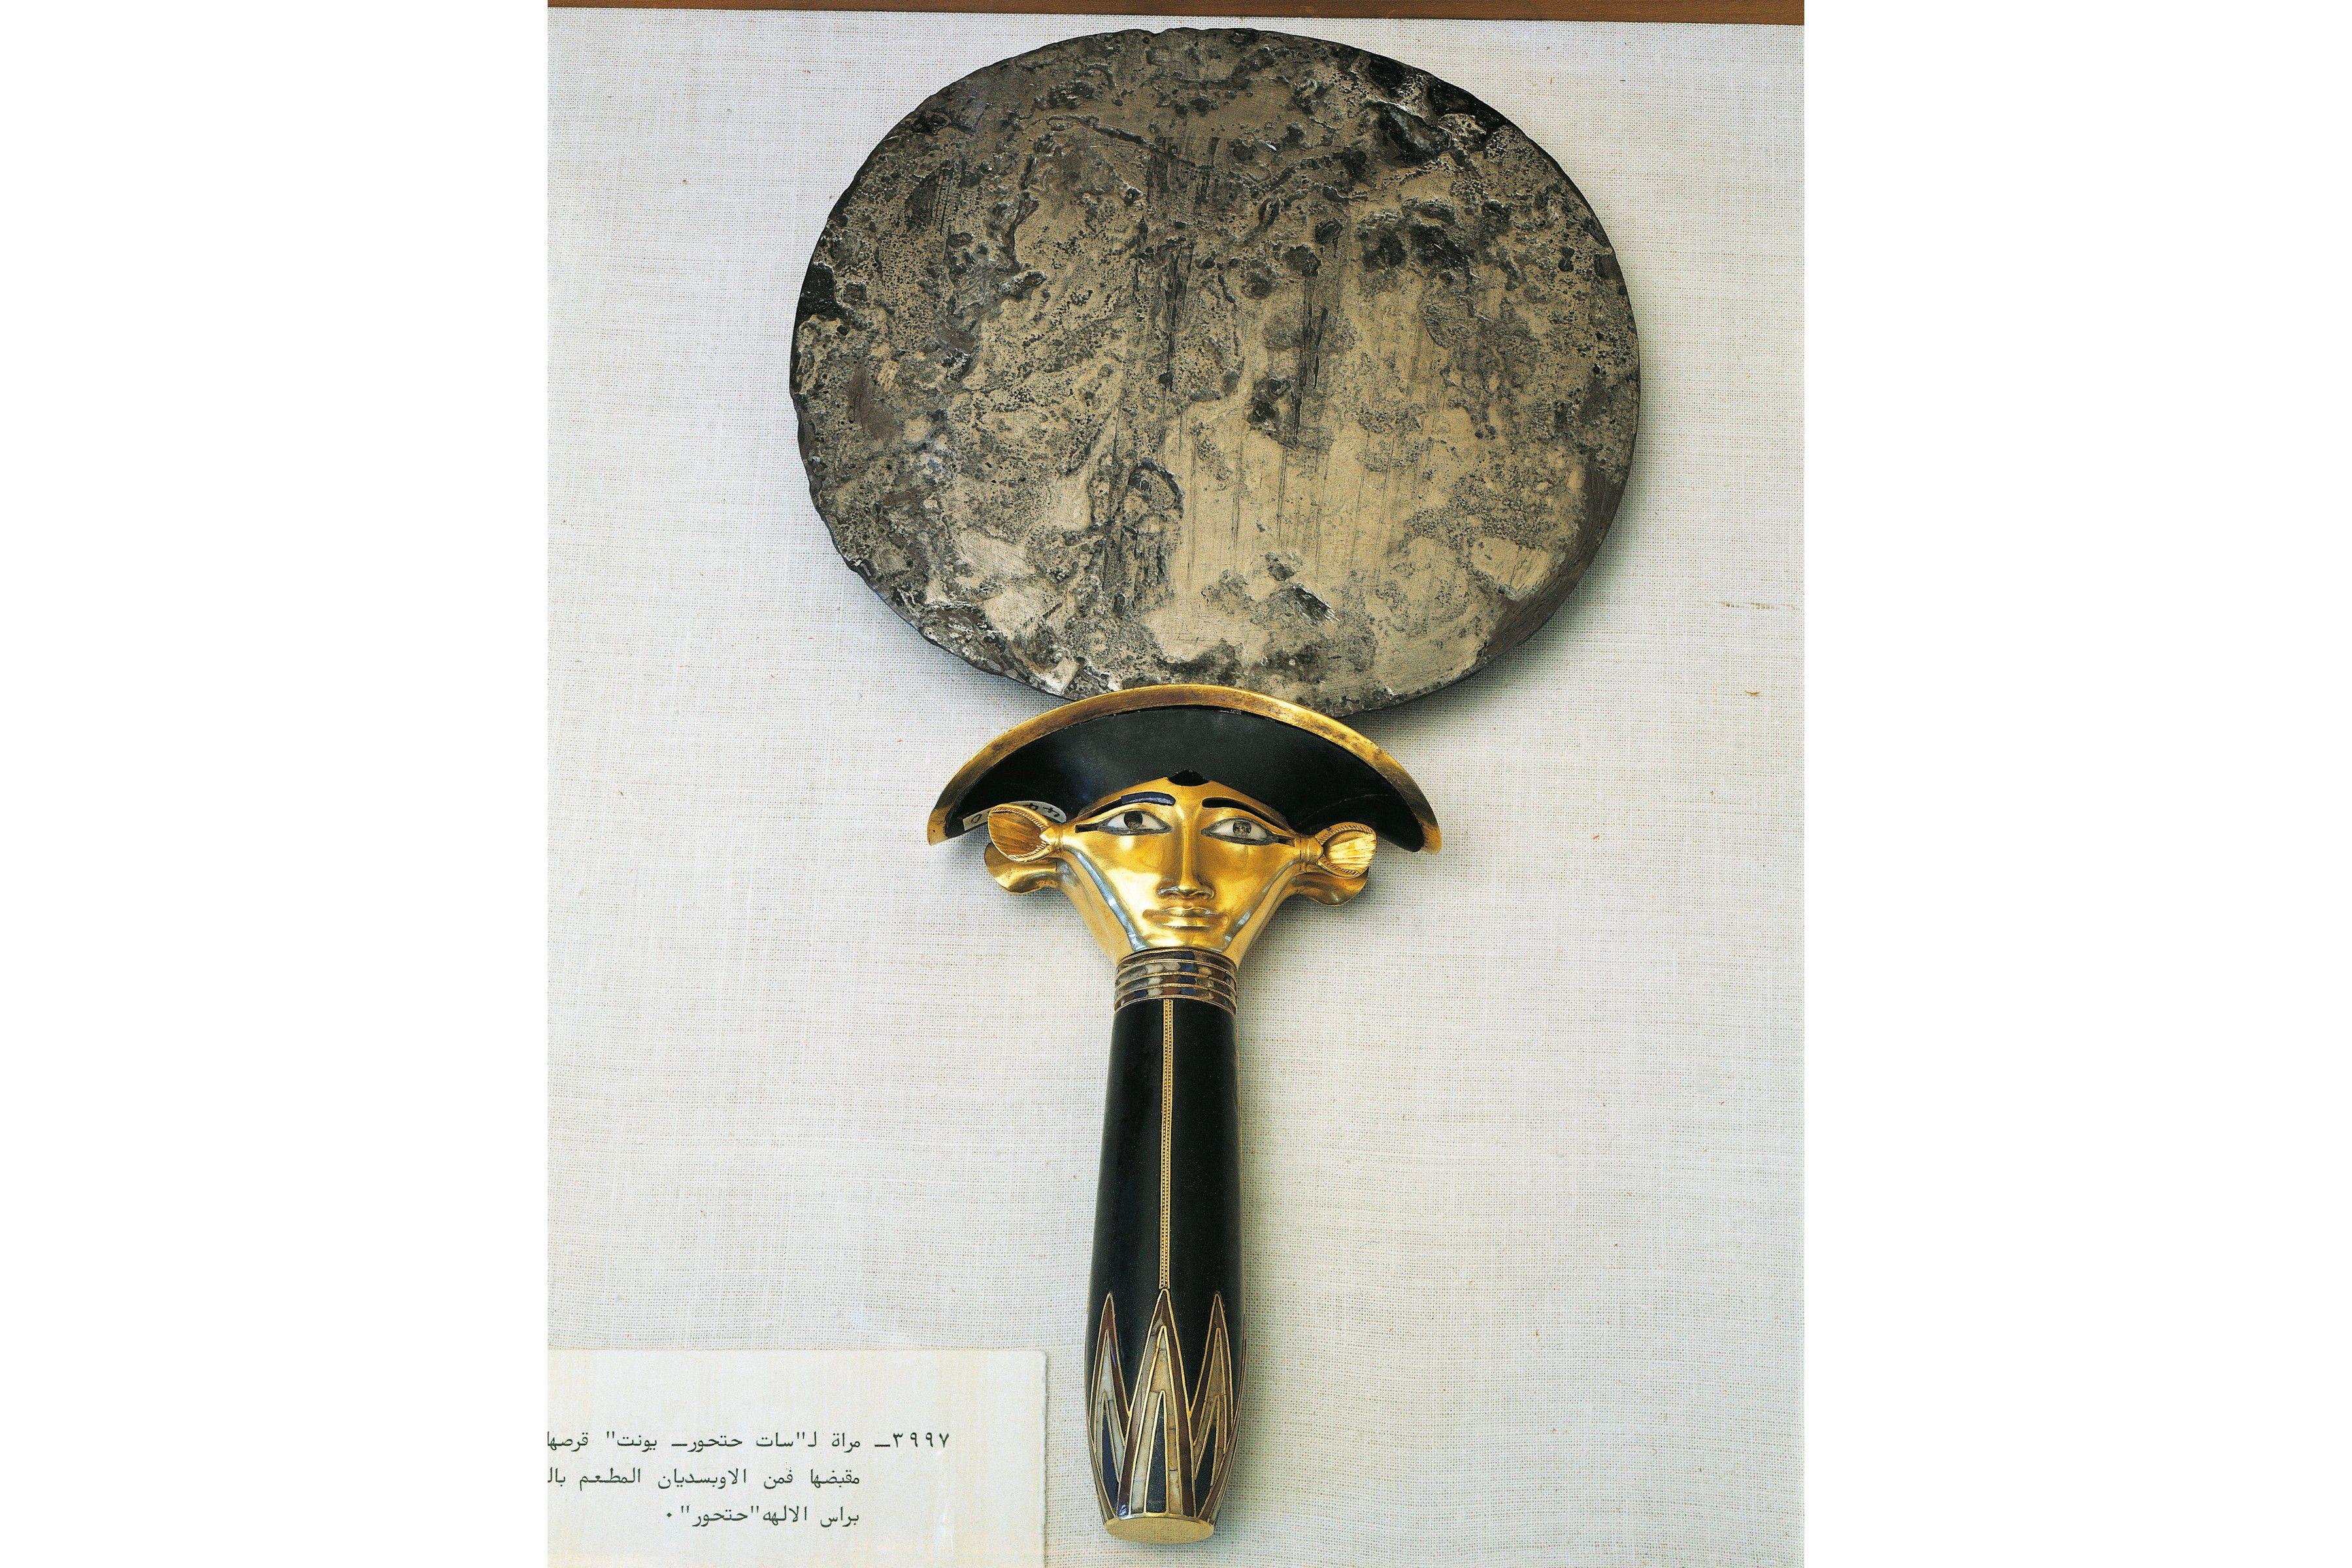 Καθρέφτης του Sat-Hathor Yunet, 12η δυναστεία